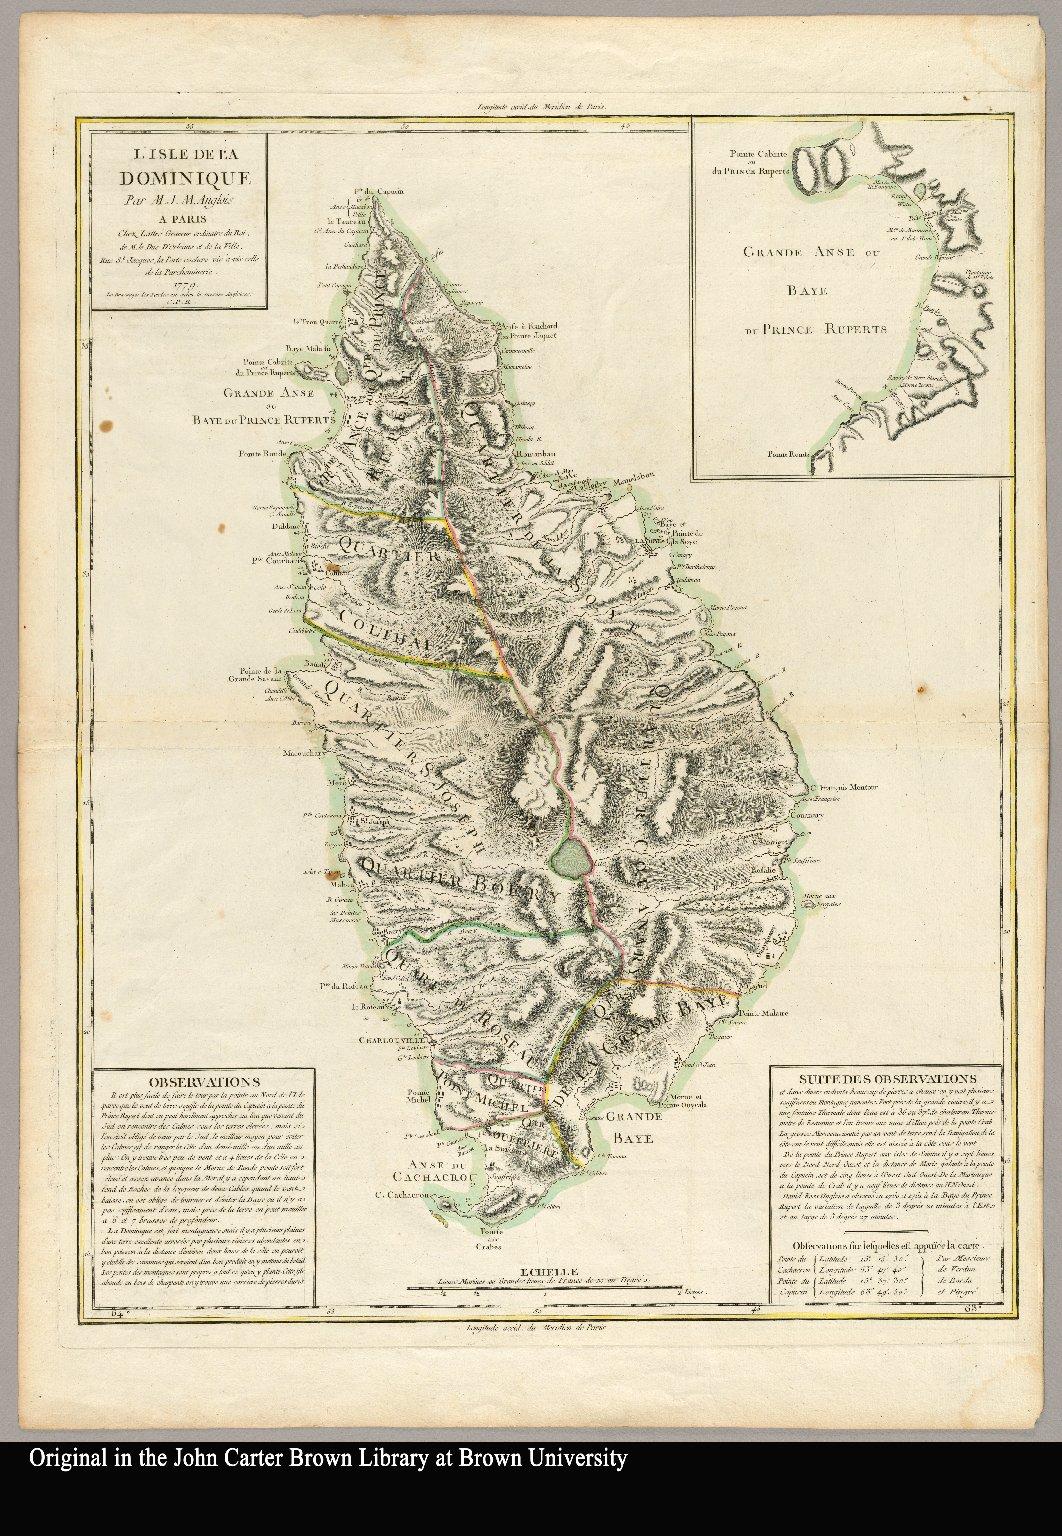 L'isle de la Dominique par M.J.M. Anglois - JCB Map Collection on